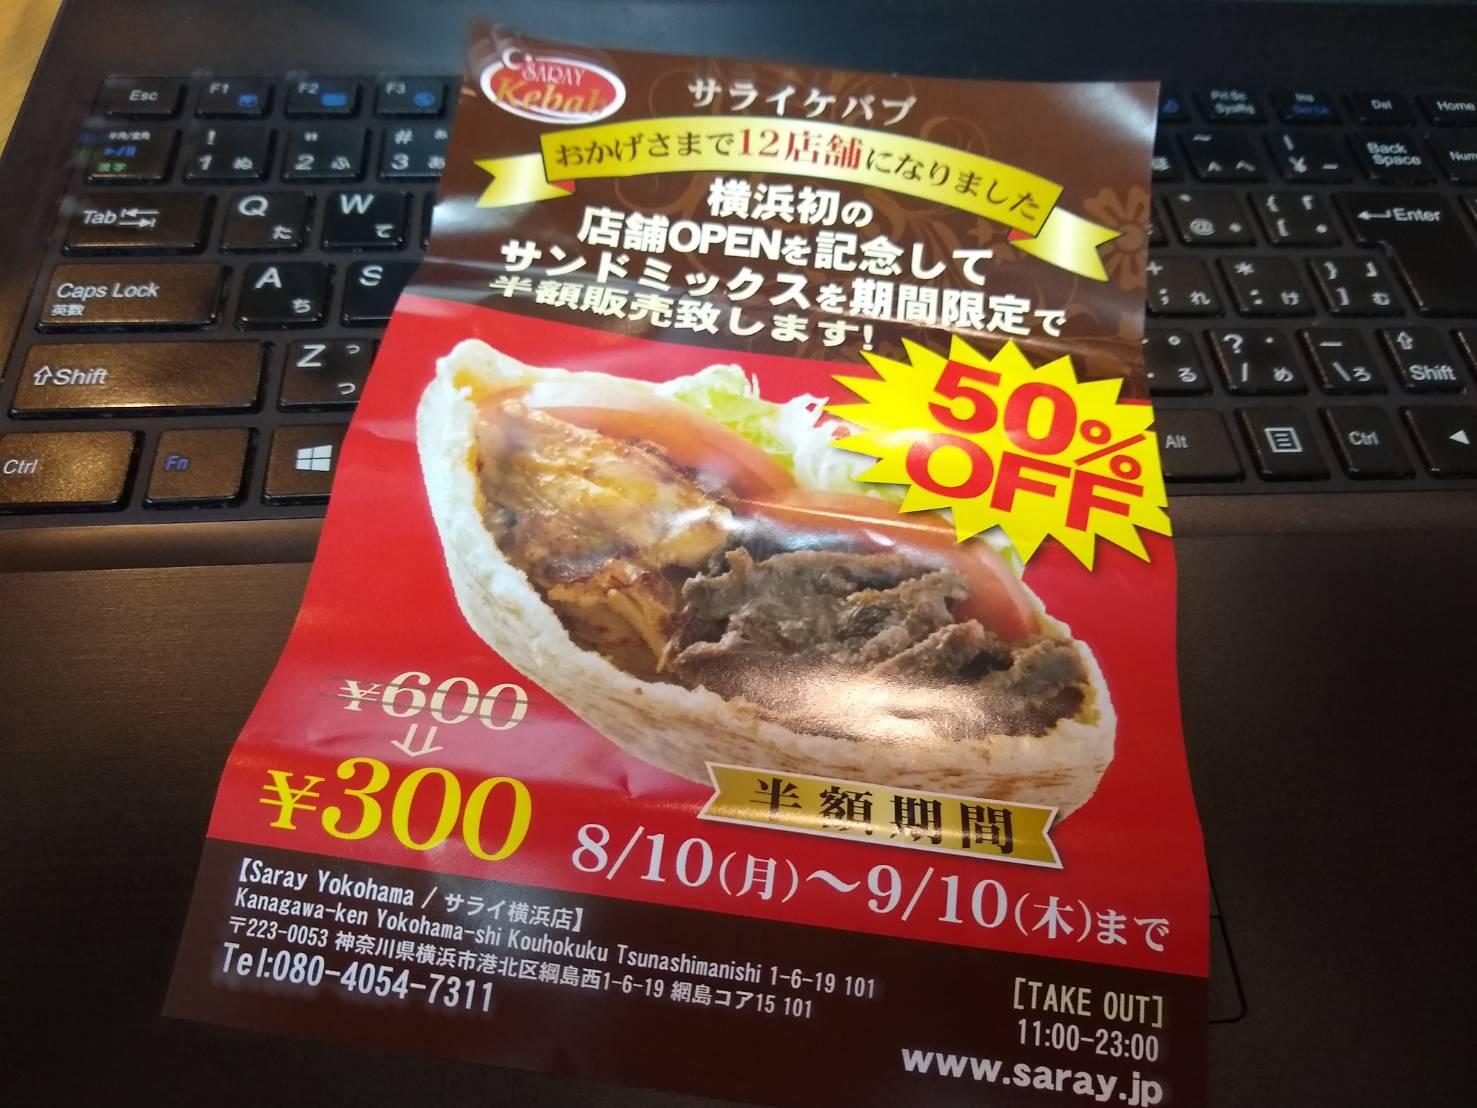 綱島サライケバブオープニングキャンペーン